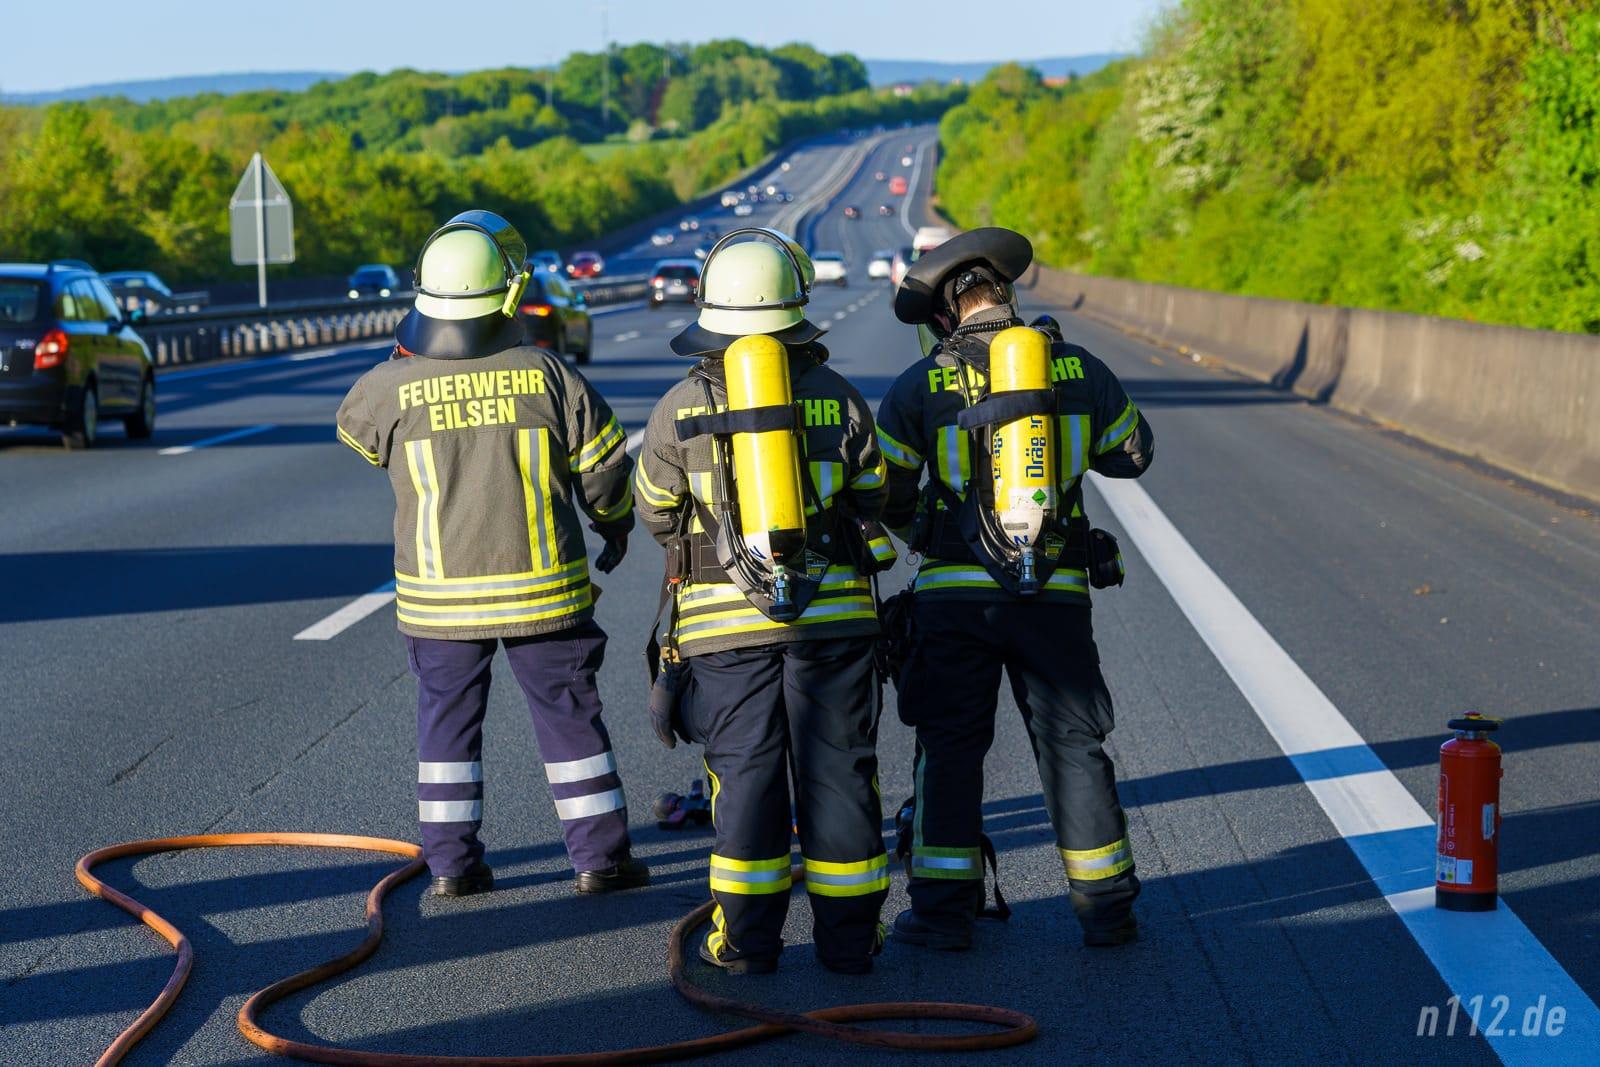 Bereit für die Landung des Christoph 4: Ehrenamtliche Feuerwehrleute aus Bad Eilsen (Foto: Stefan Simonsen/n112.de)